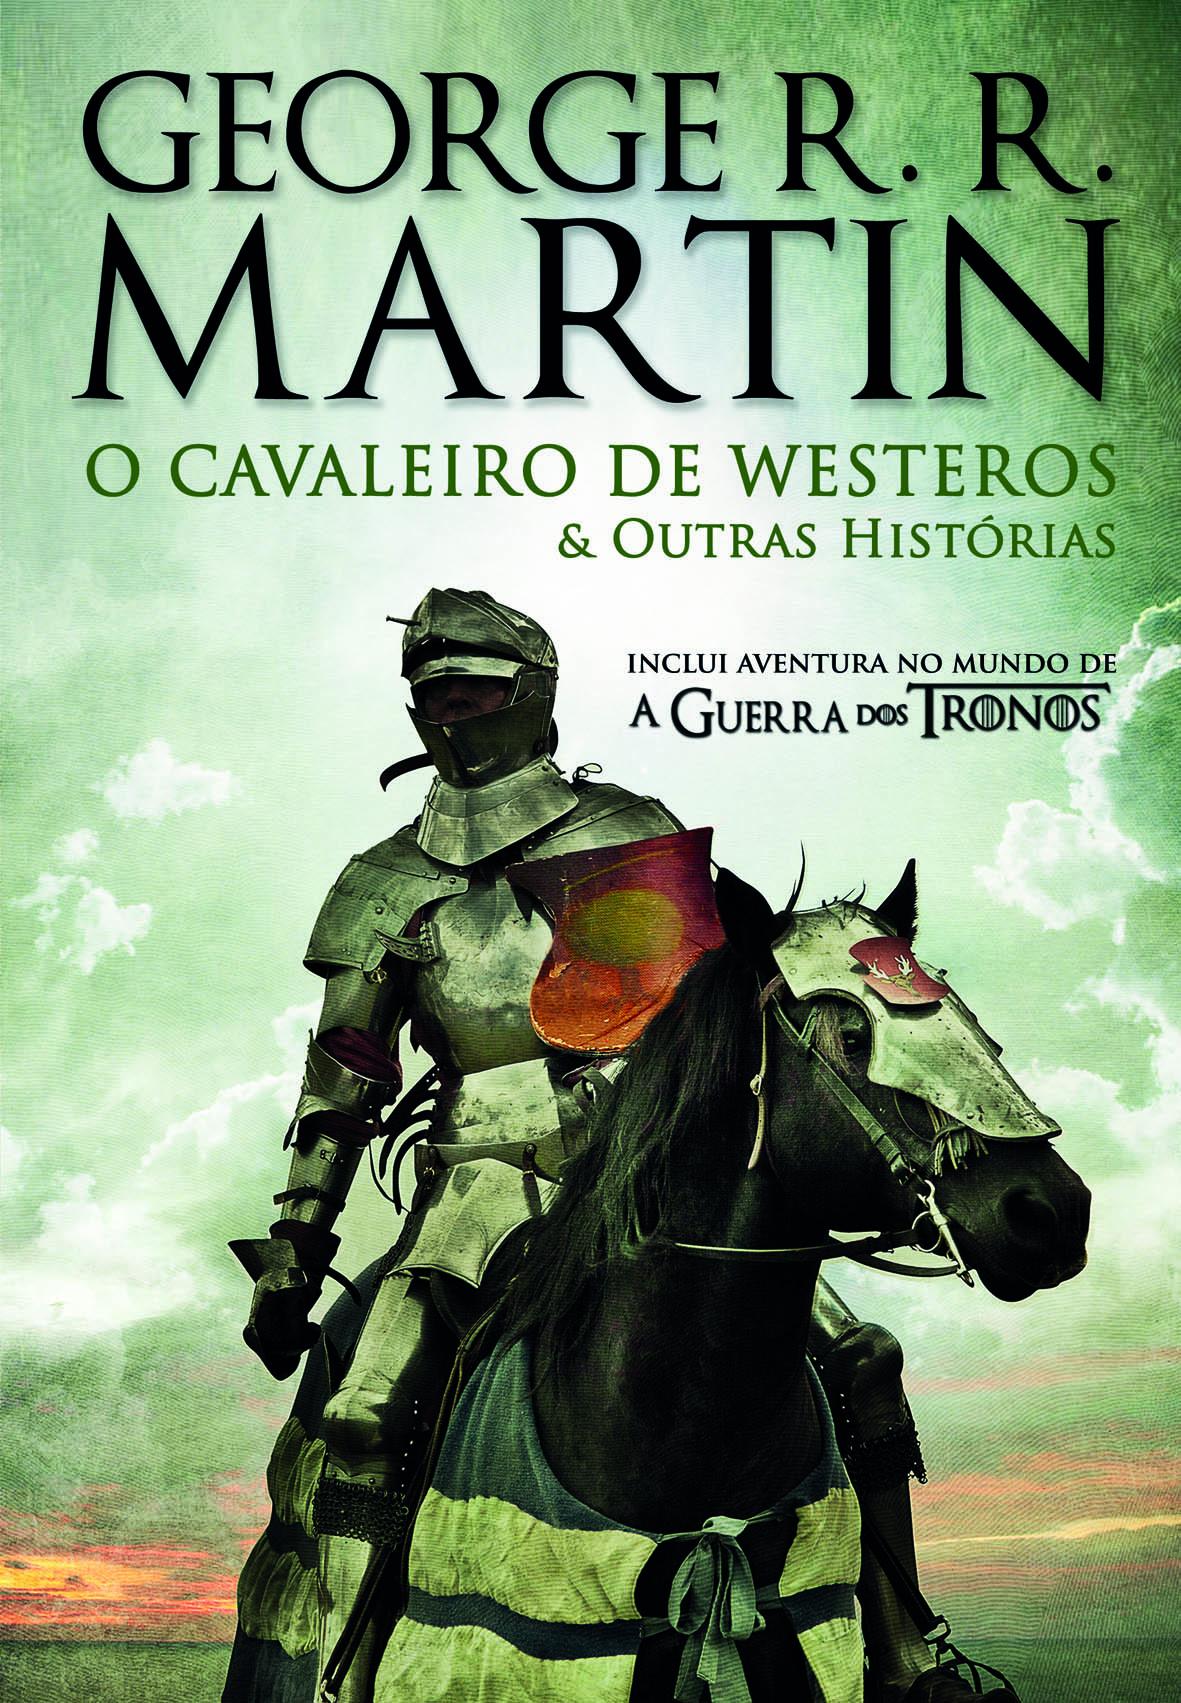 Cavaleiro_Westeros_e_outras historias.jpg